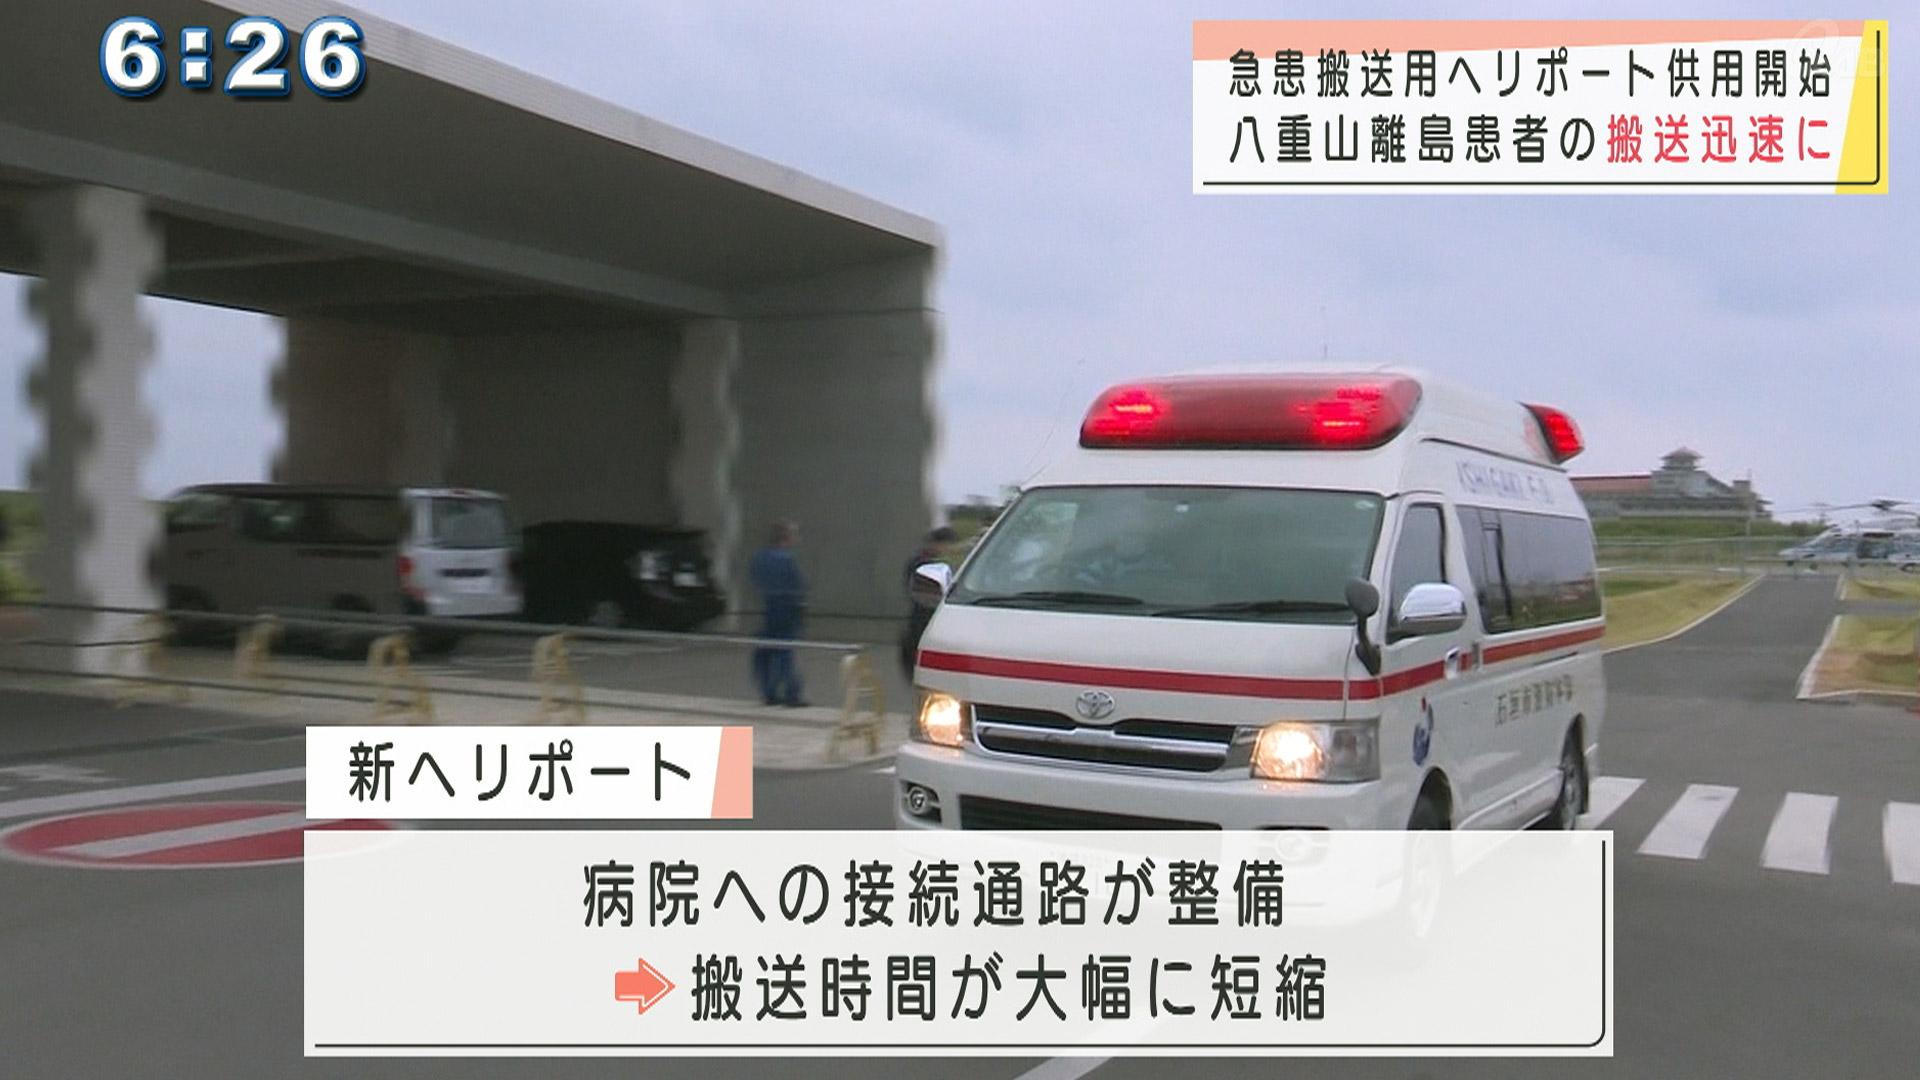 八重山病院に隣接する土地にヘリポート供用開始